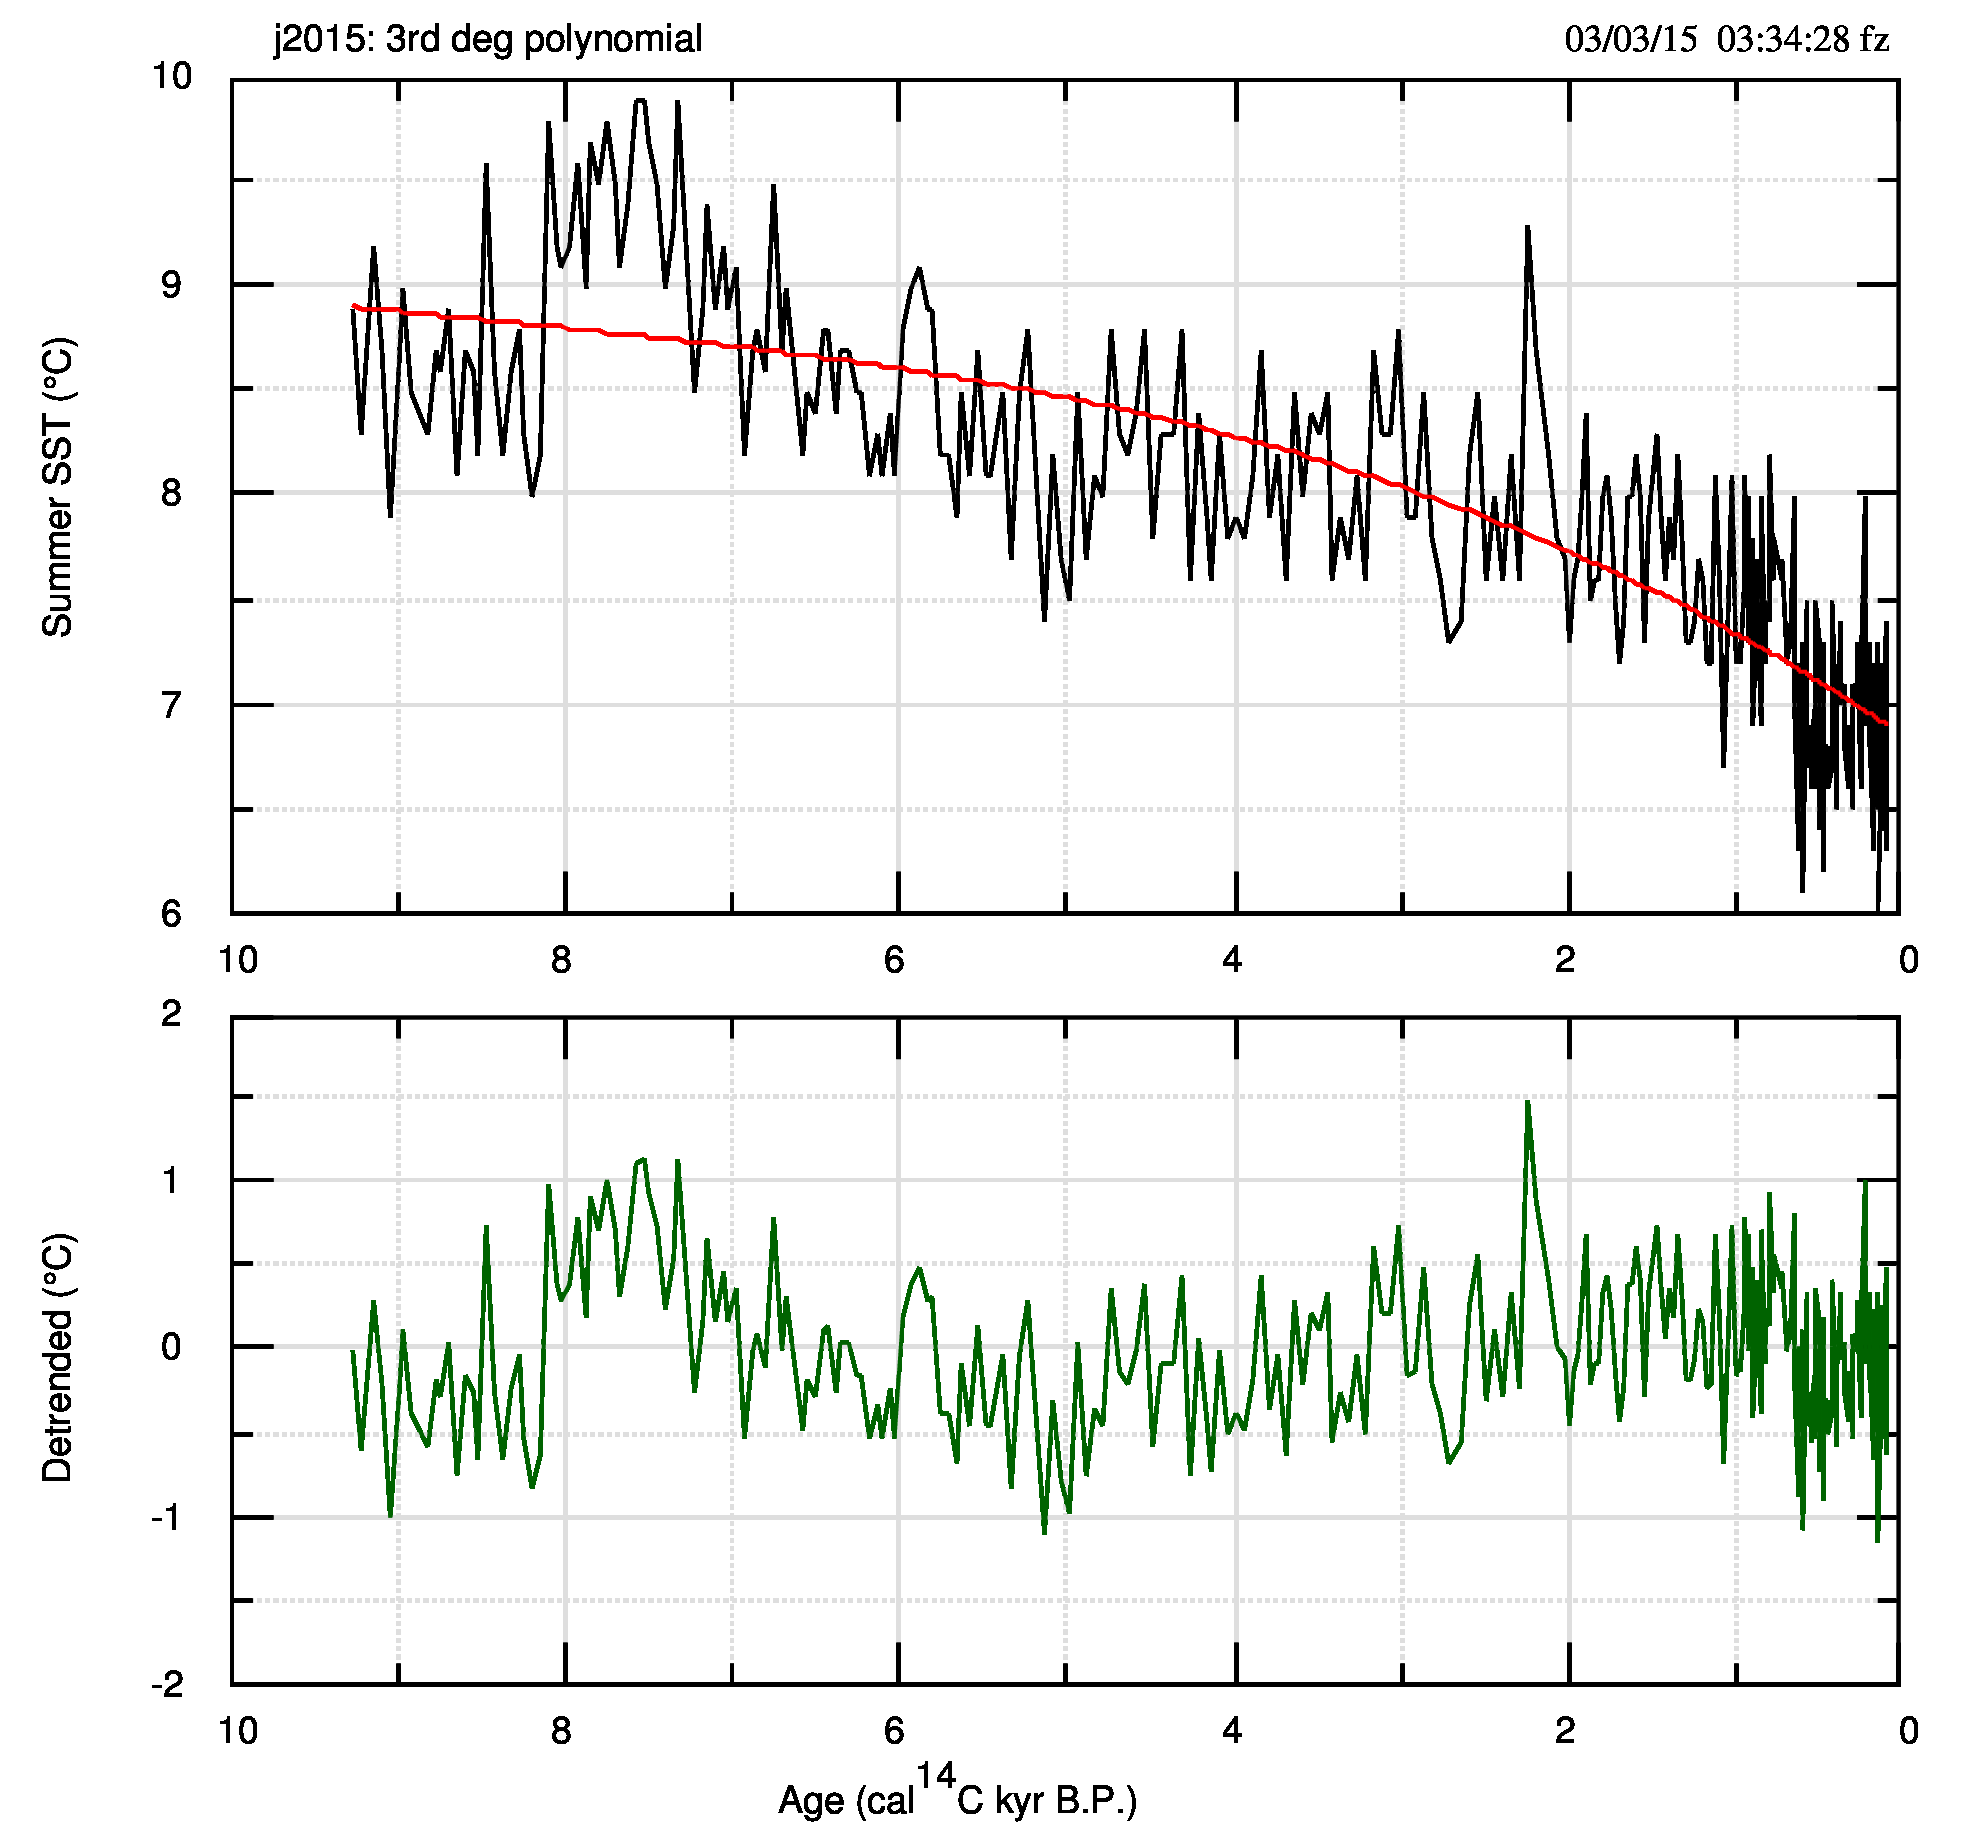 Fig.5. In alto i dati originali j2015 e il fit con un polinomio di 3.o grado. In basso i dati detrended, usati per il calcolo dello spettro.